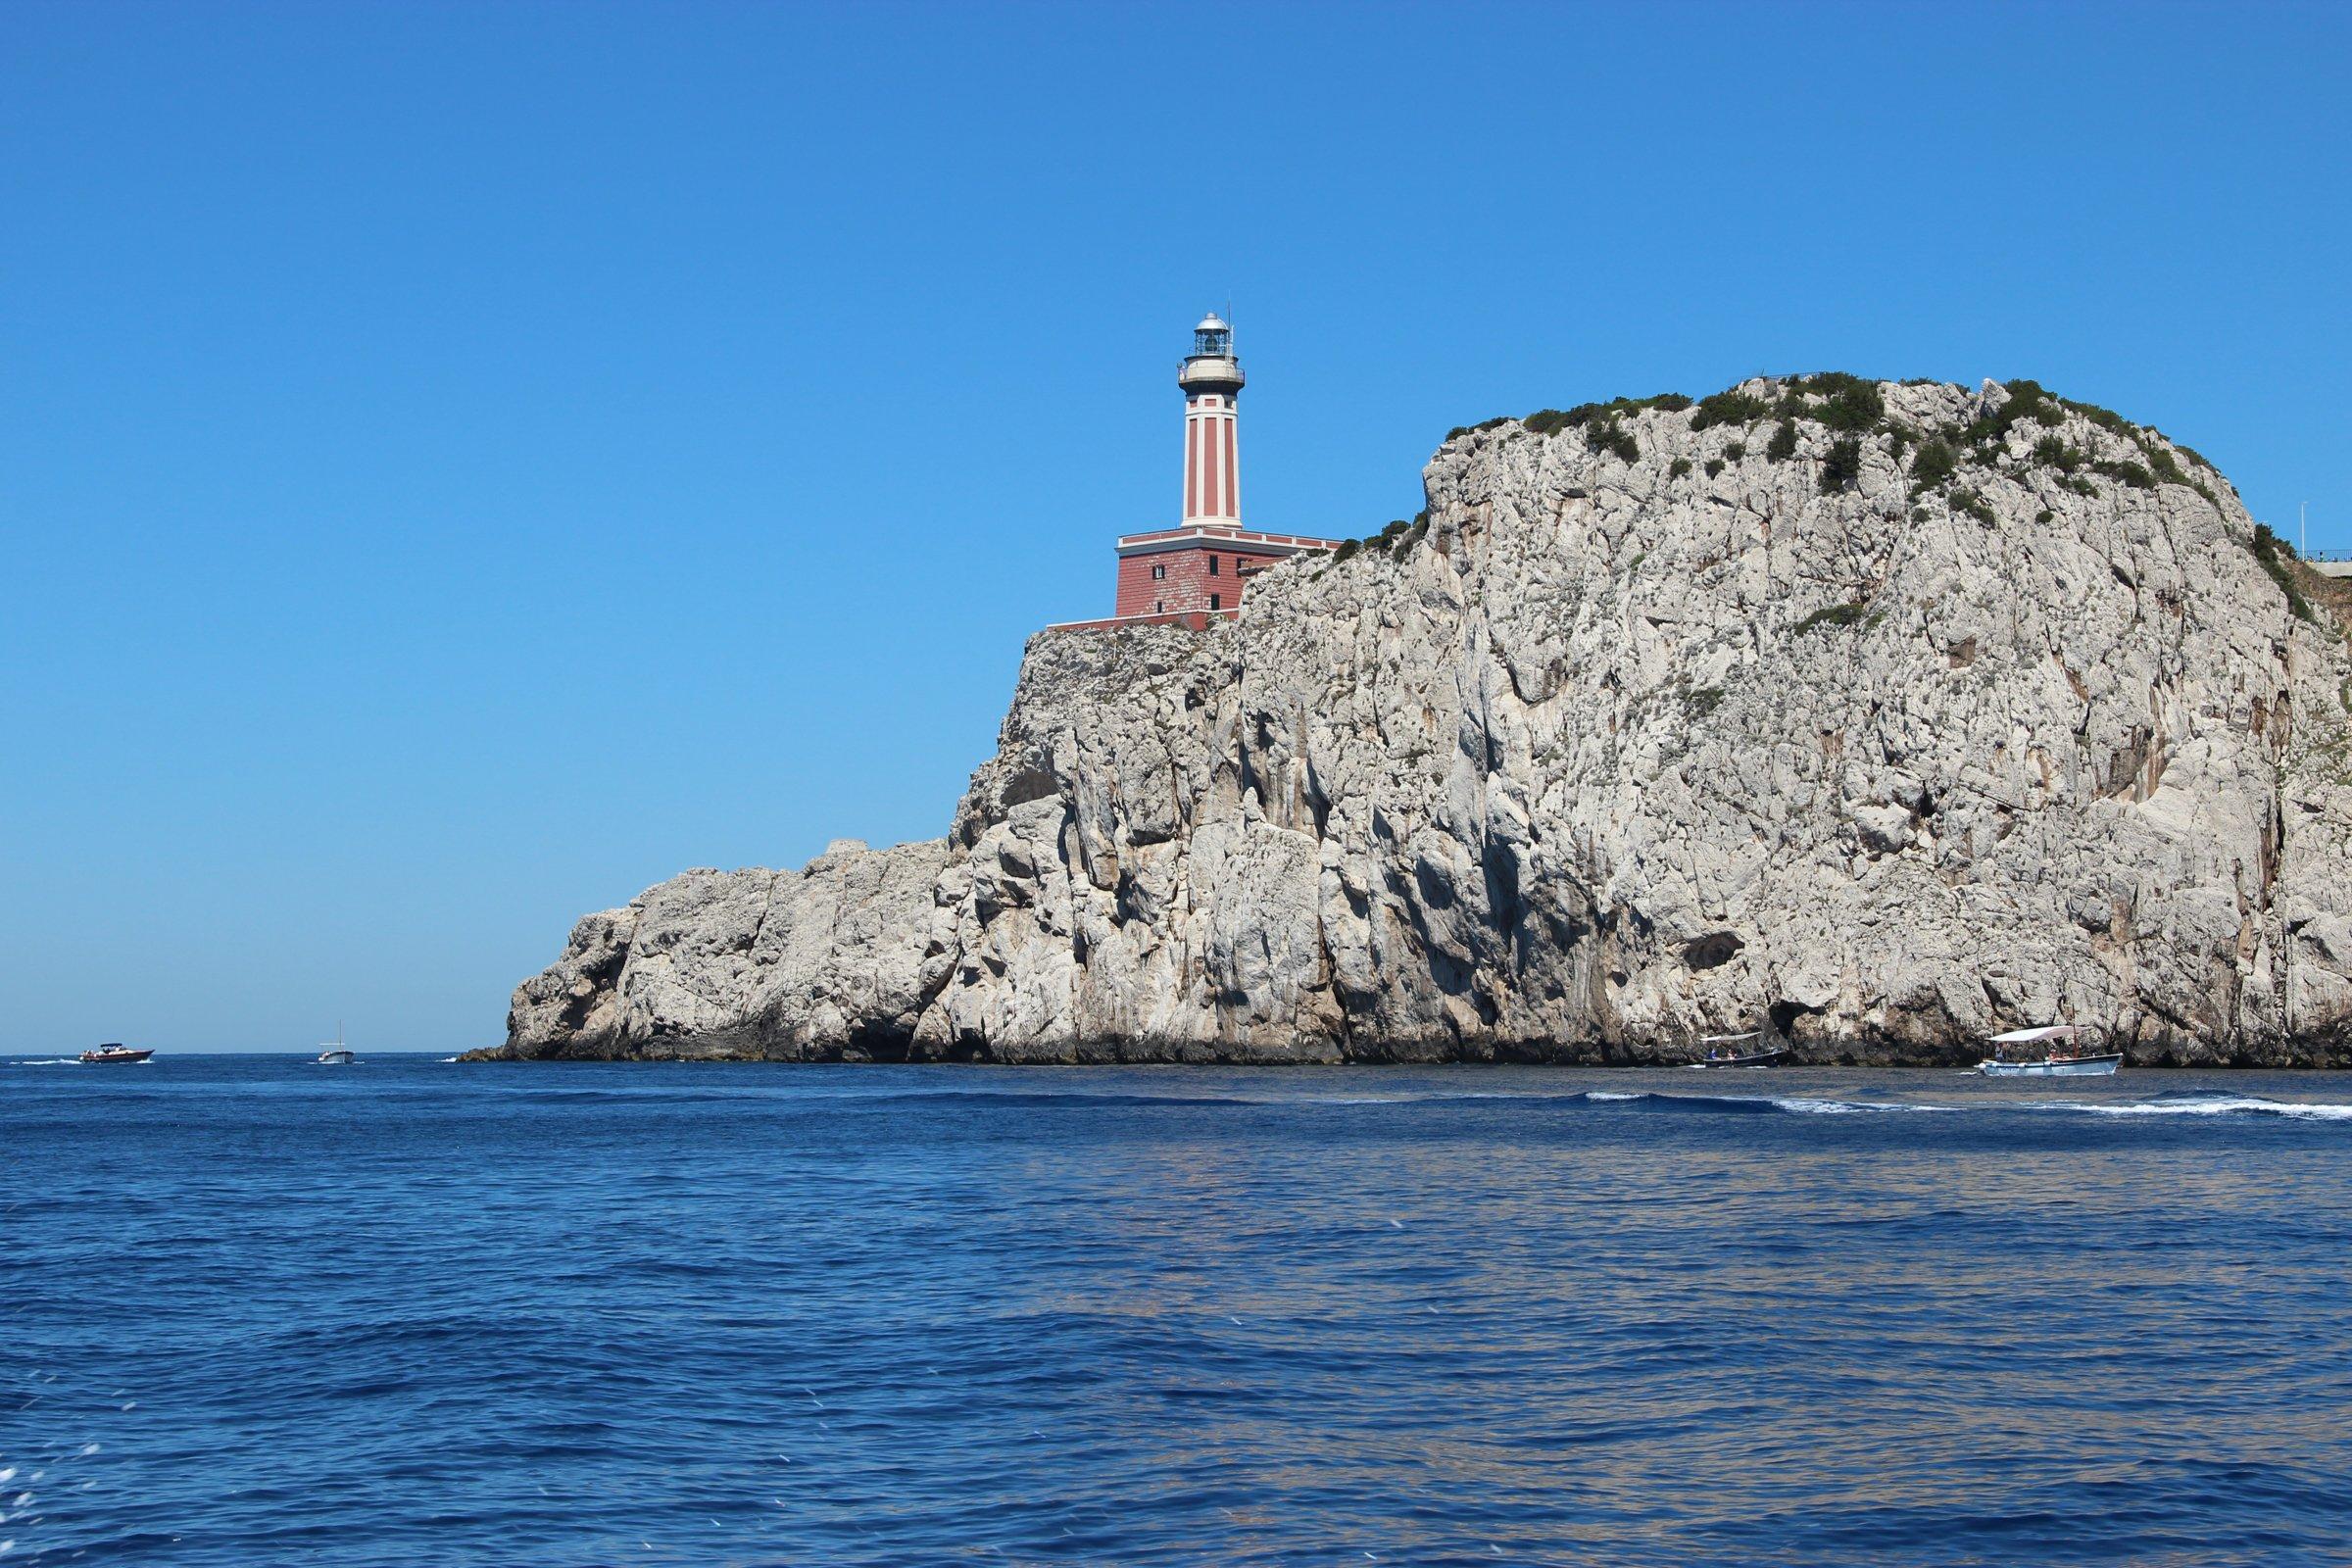 Lighthouse On Rocky Cliffside In Ocean